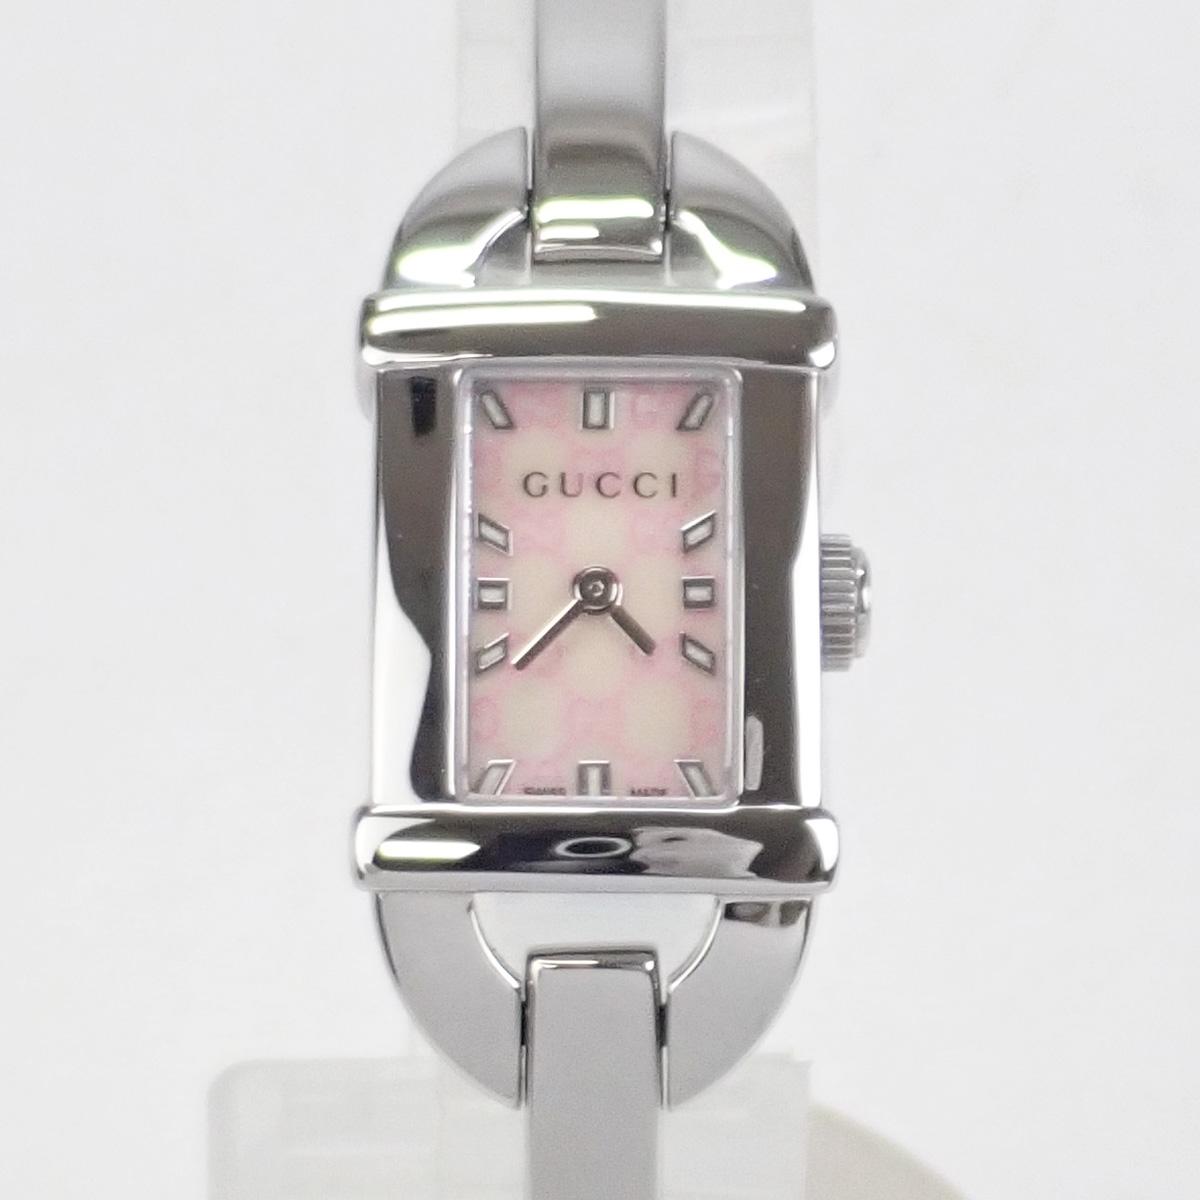 【辛口評価】【Aランク】GUCCI グッチ SS バンブー レディース 腕時計 YA068586 ピンクシェル文字盤